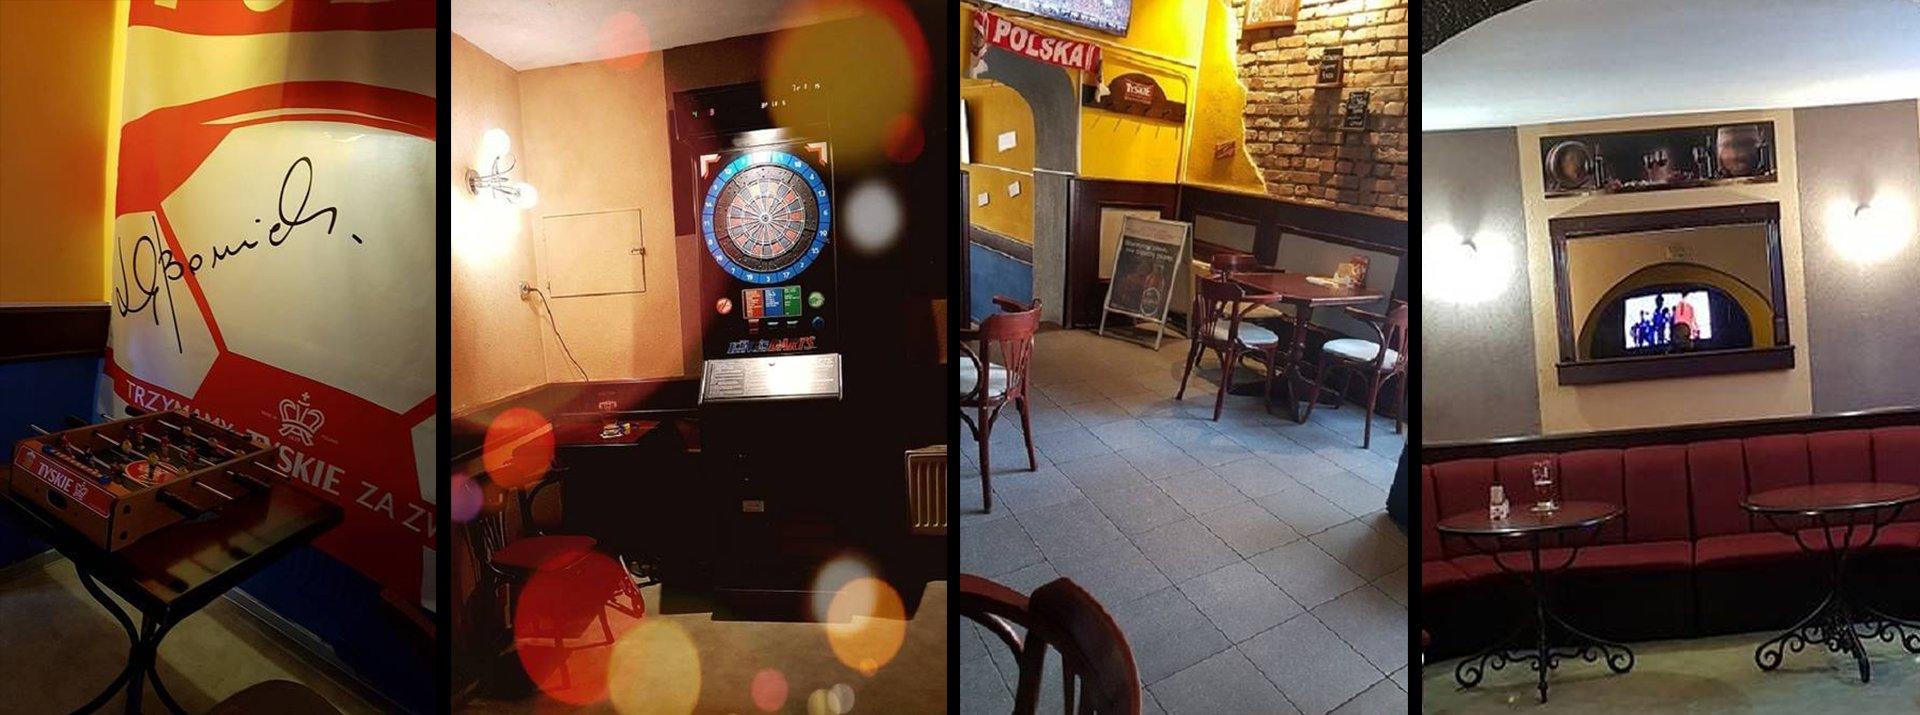 lokal-03-pub.jpg